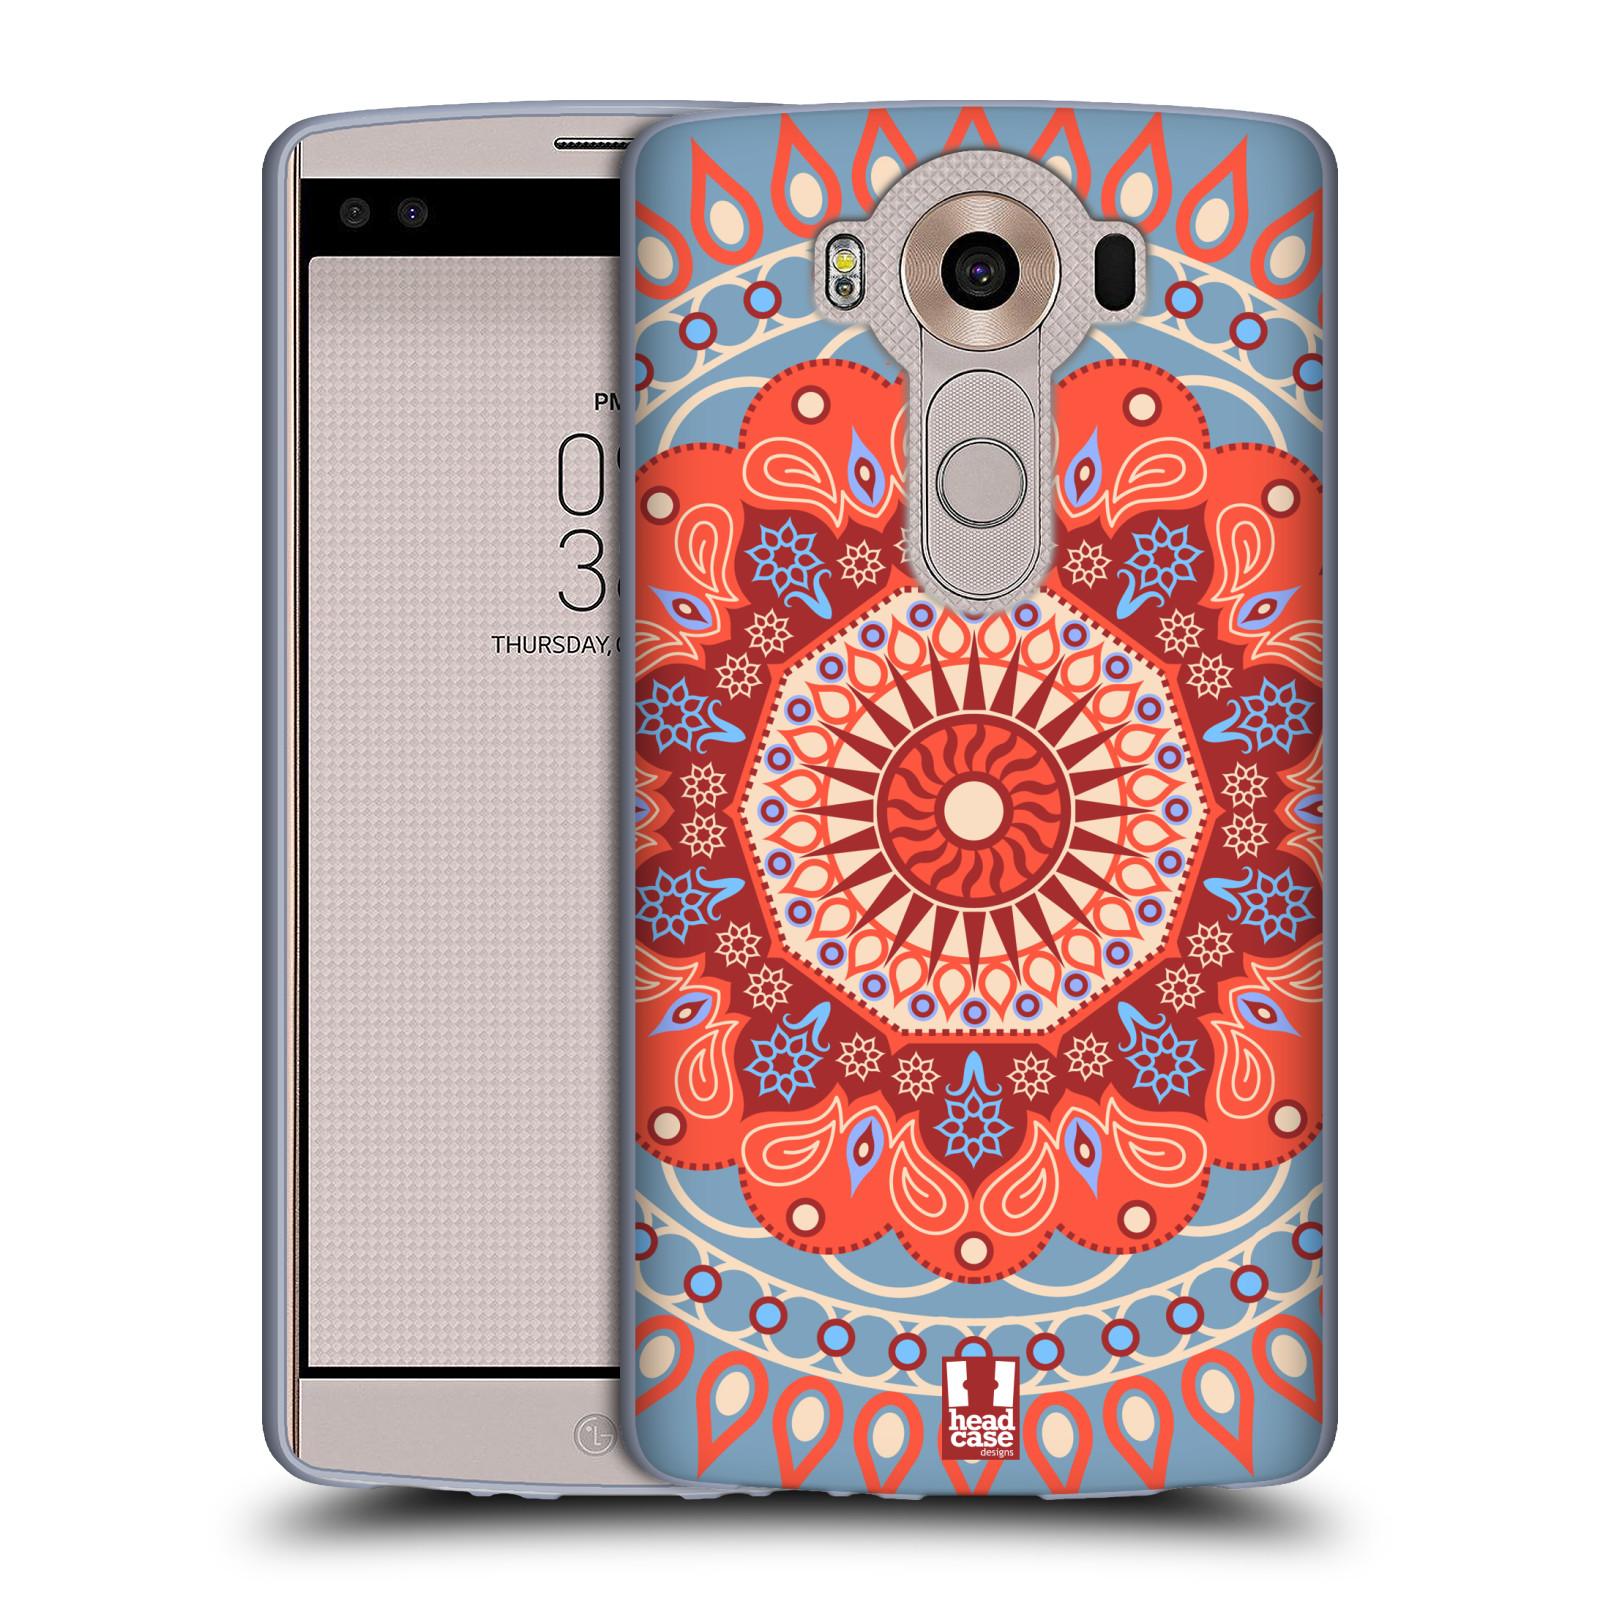 HEAD CASE silikonový obal na mobil LG V10 (H960A) vzor Indie Mandala slunce barevný motiv ČERVENÁ A MODRÁ